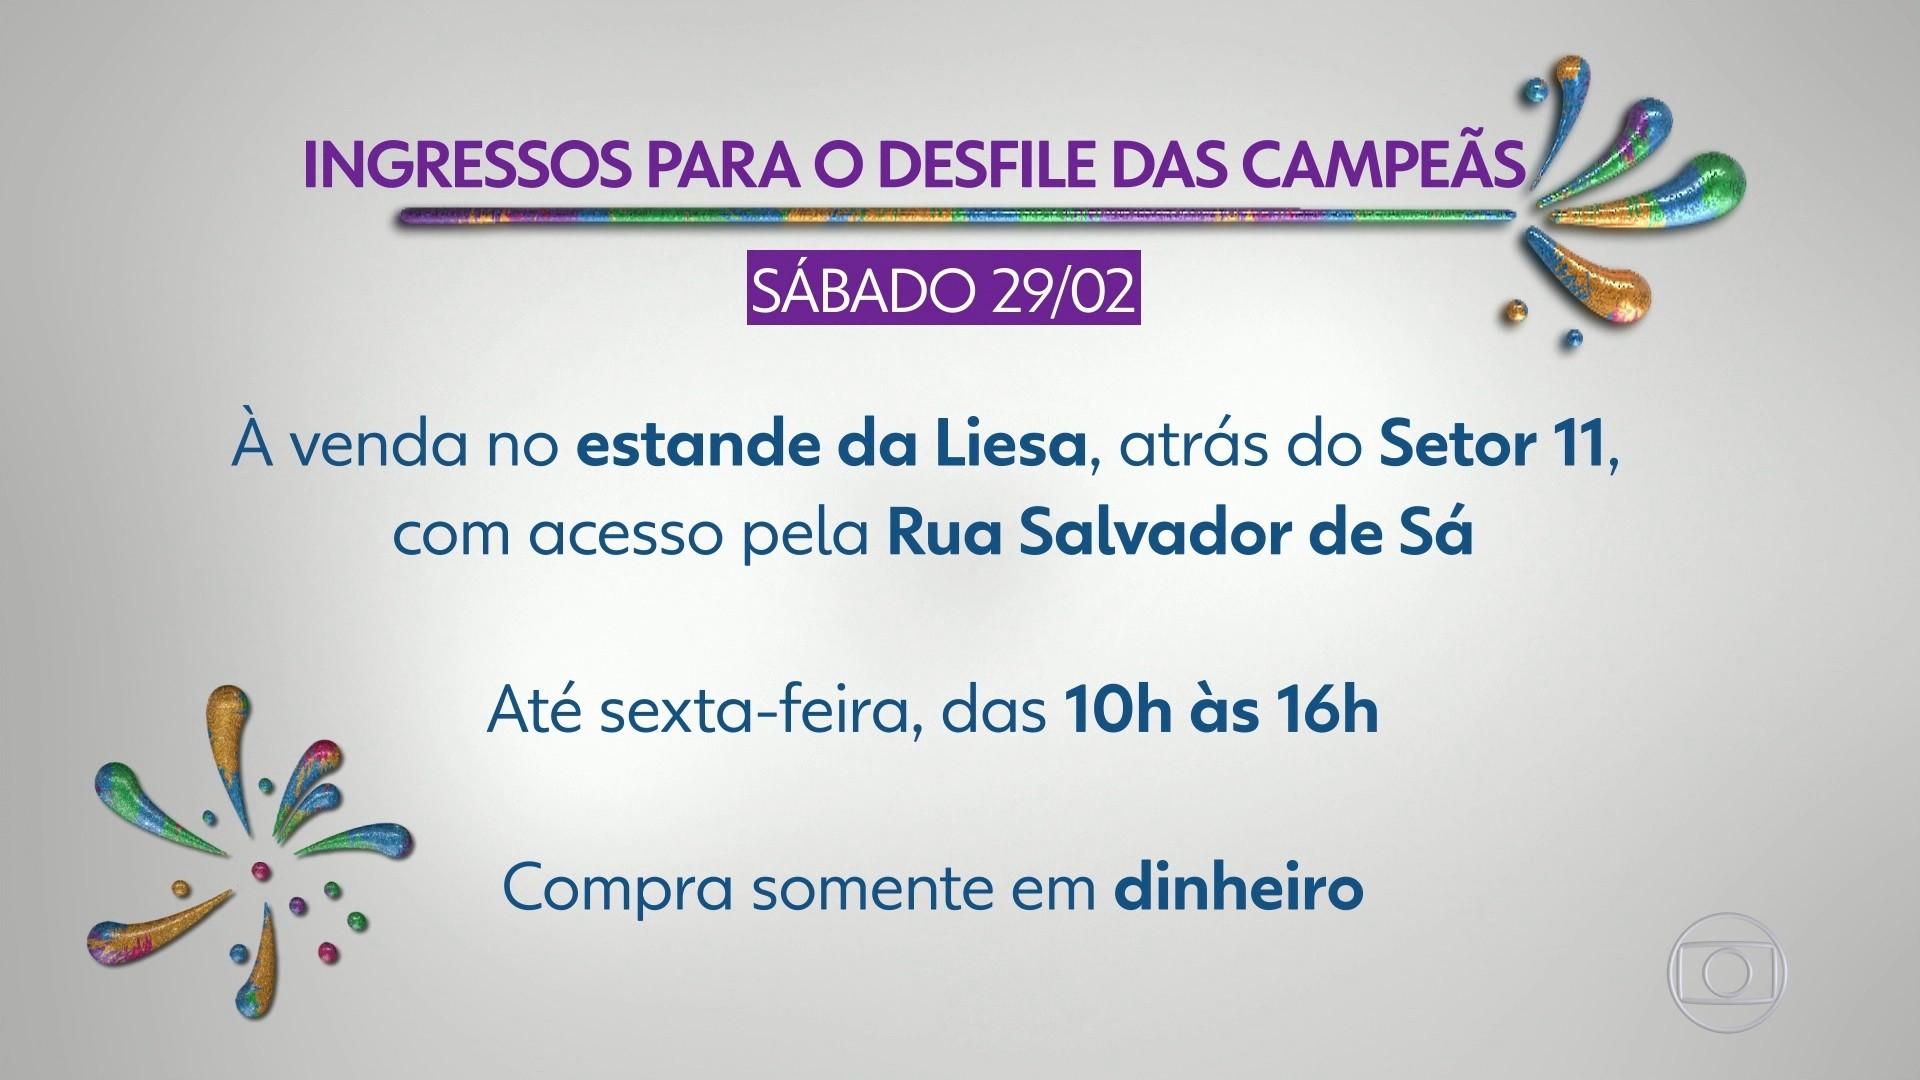 VÍDEOS: Bom Dia Rio de quarta-feira, 26 de fevereiro